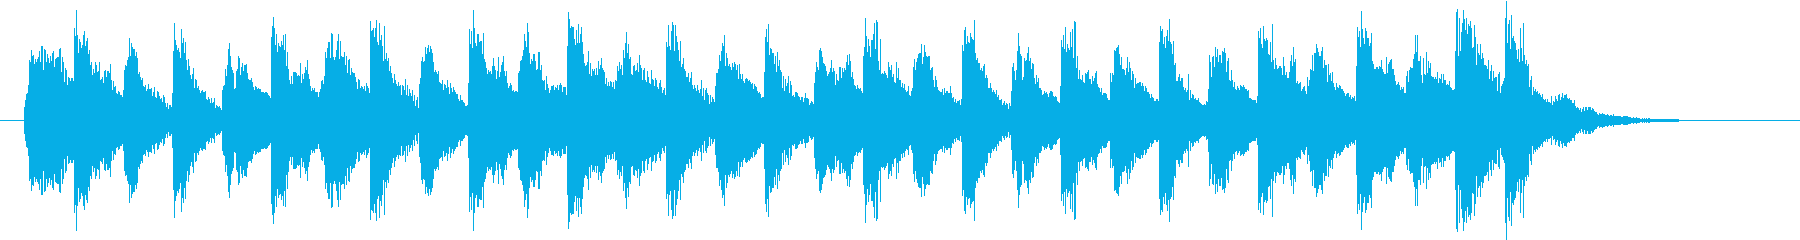 キュートで軽やかなライトオーケストラロゴの再生済みの波形